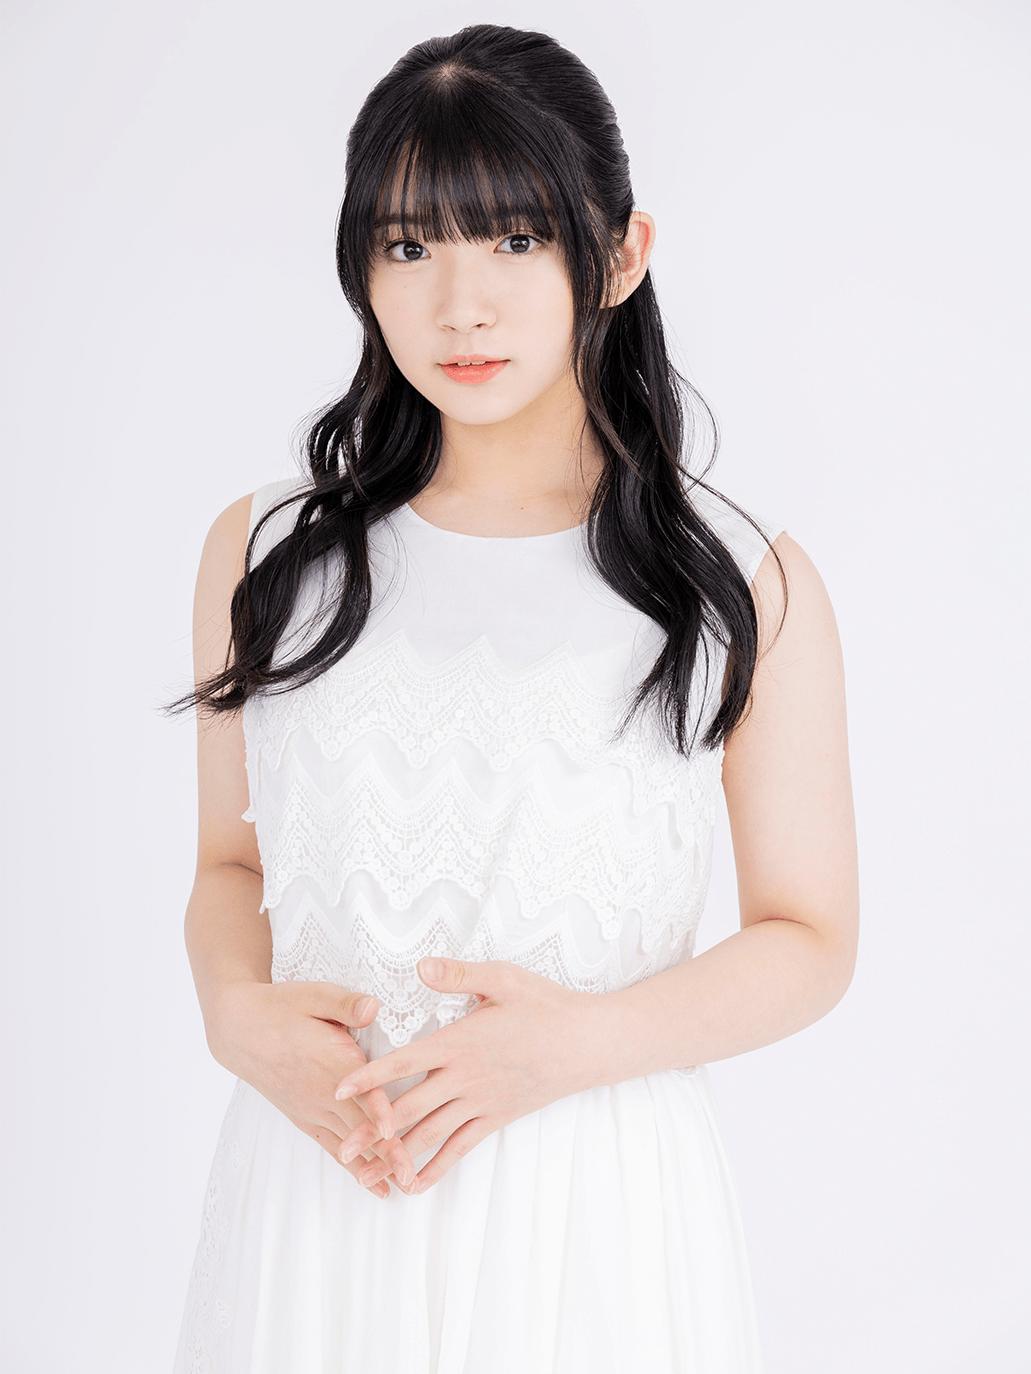 Amane Shindou